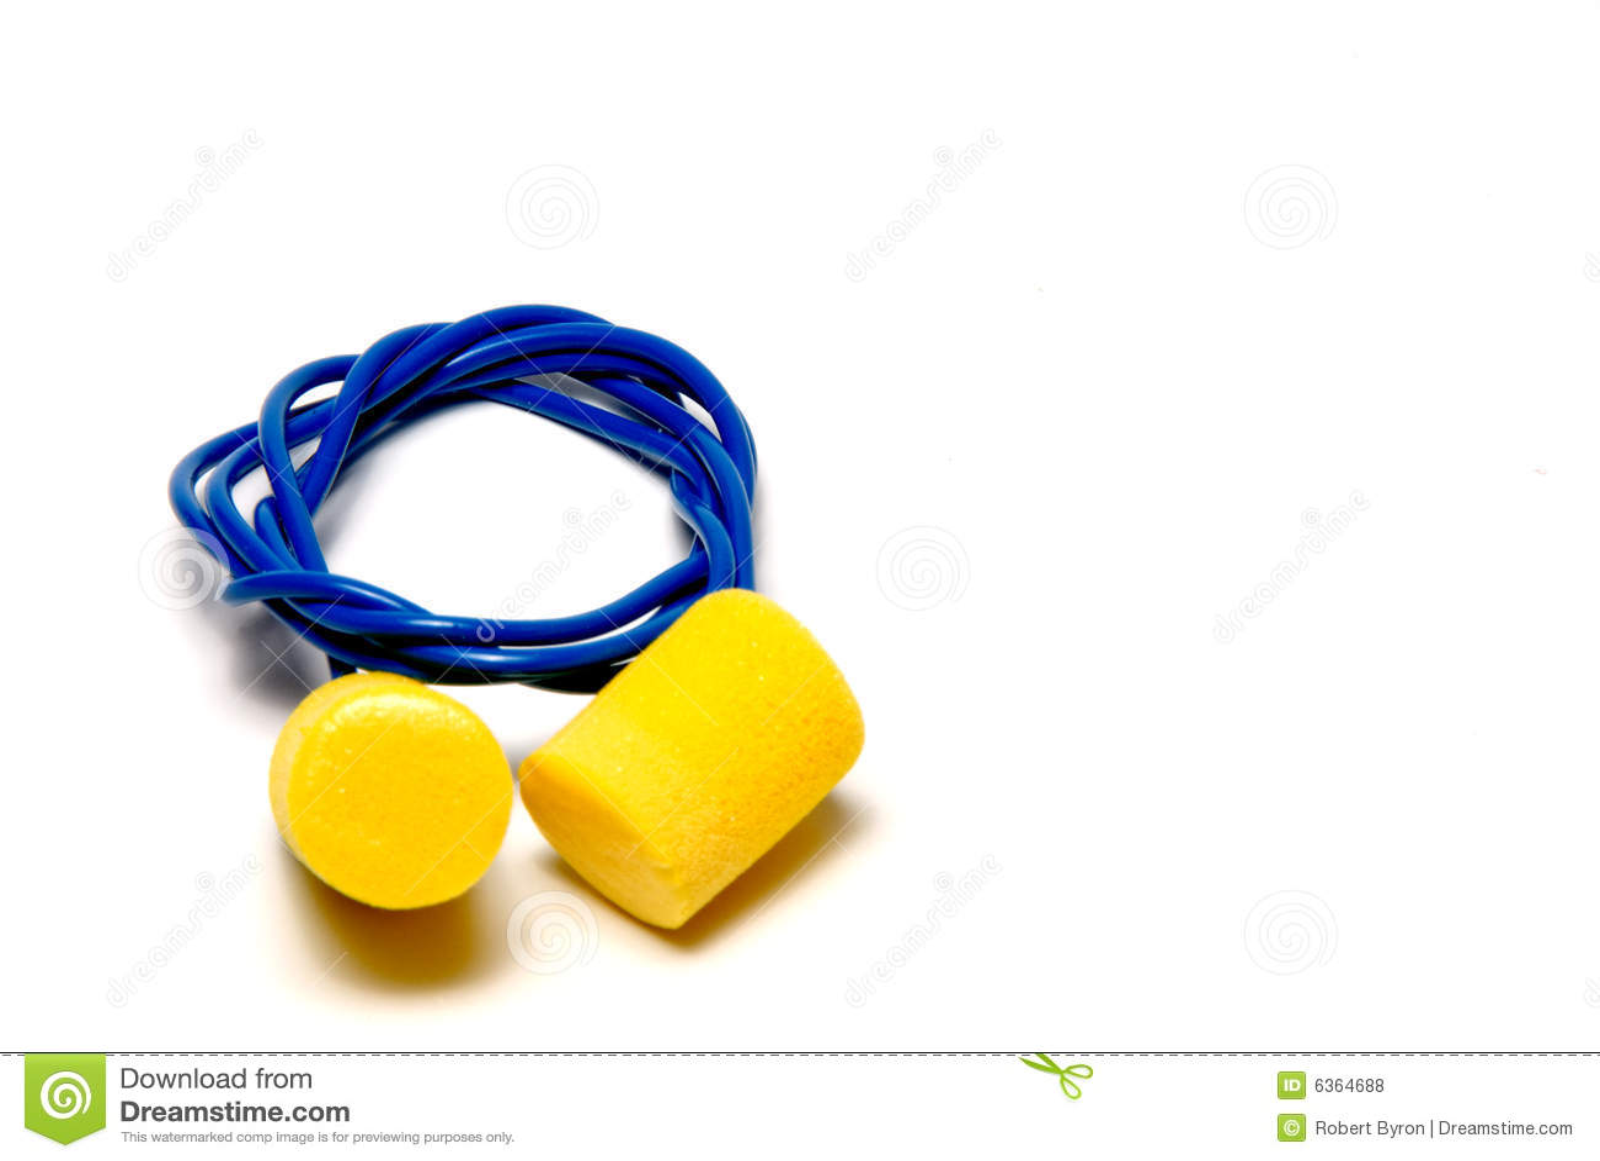 Plugues de orelha